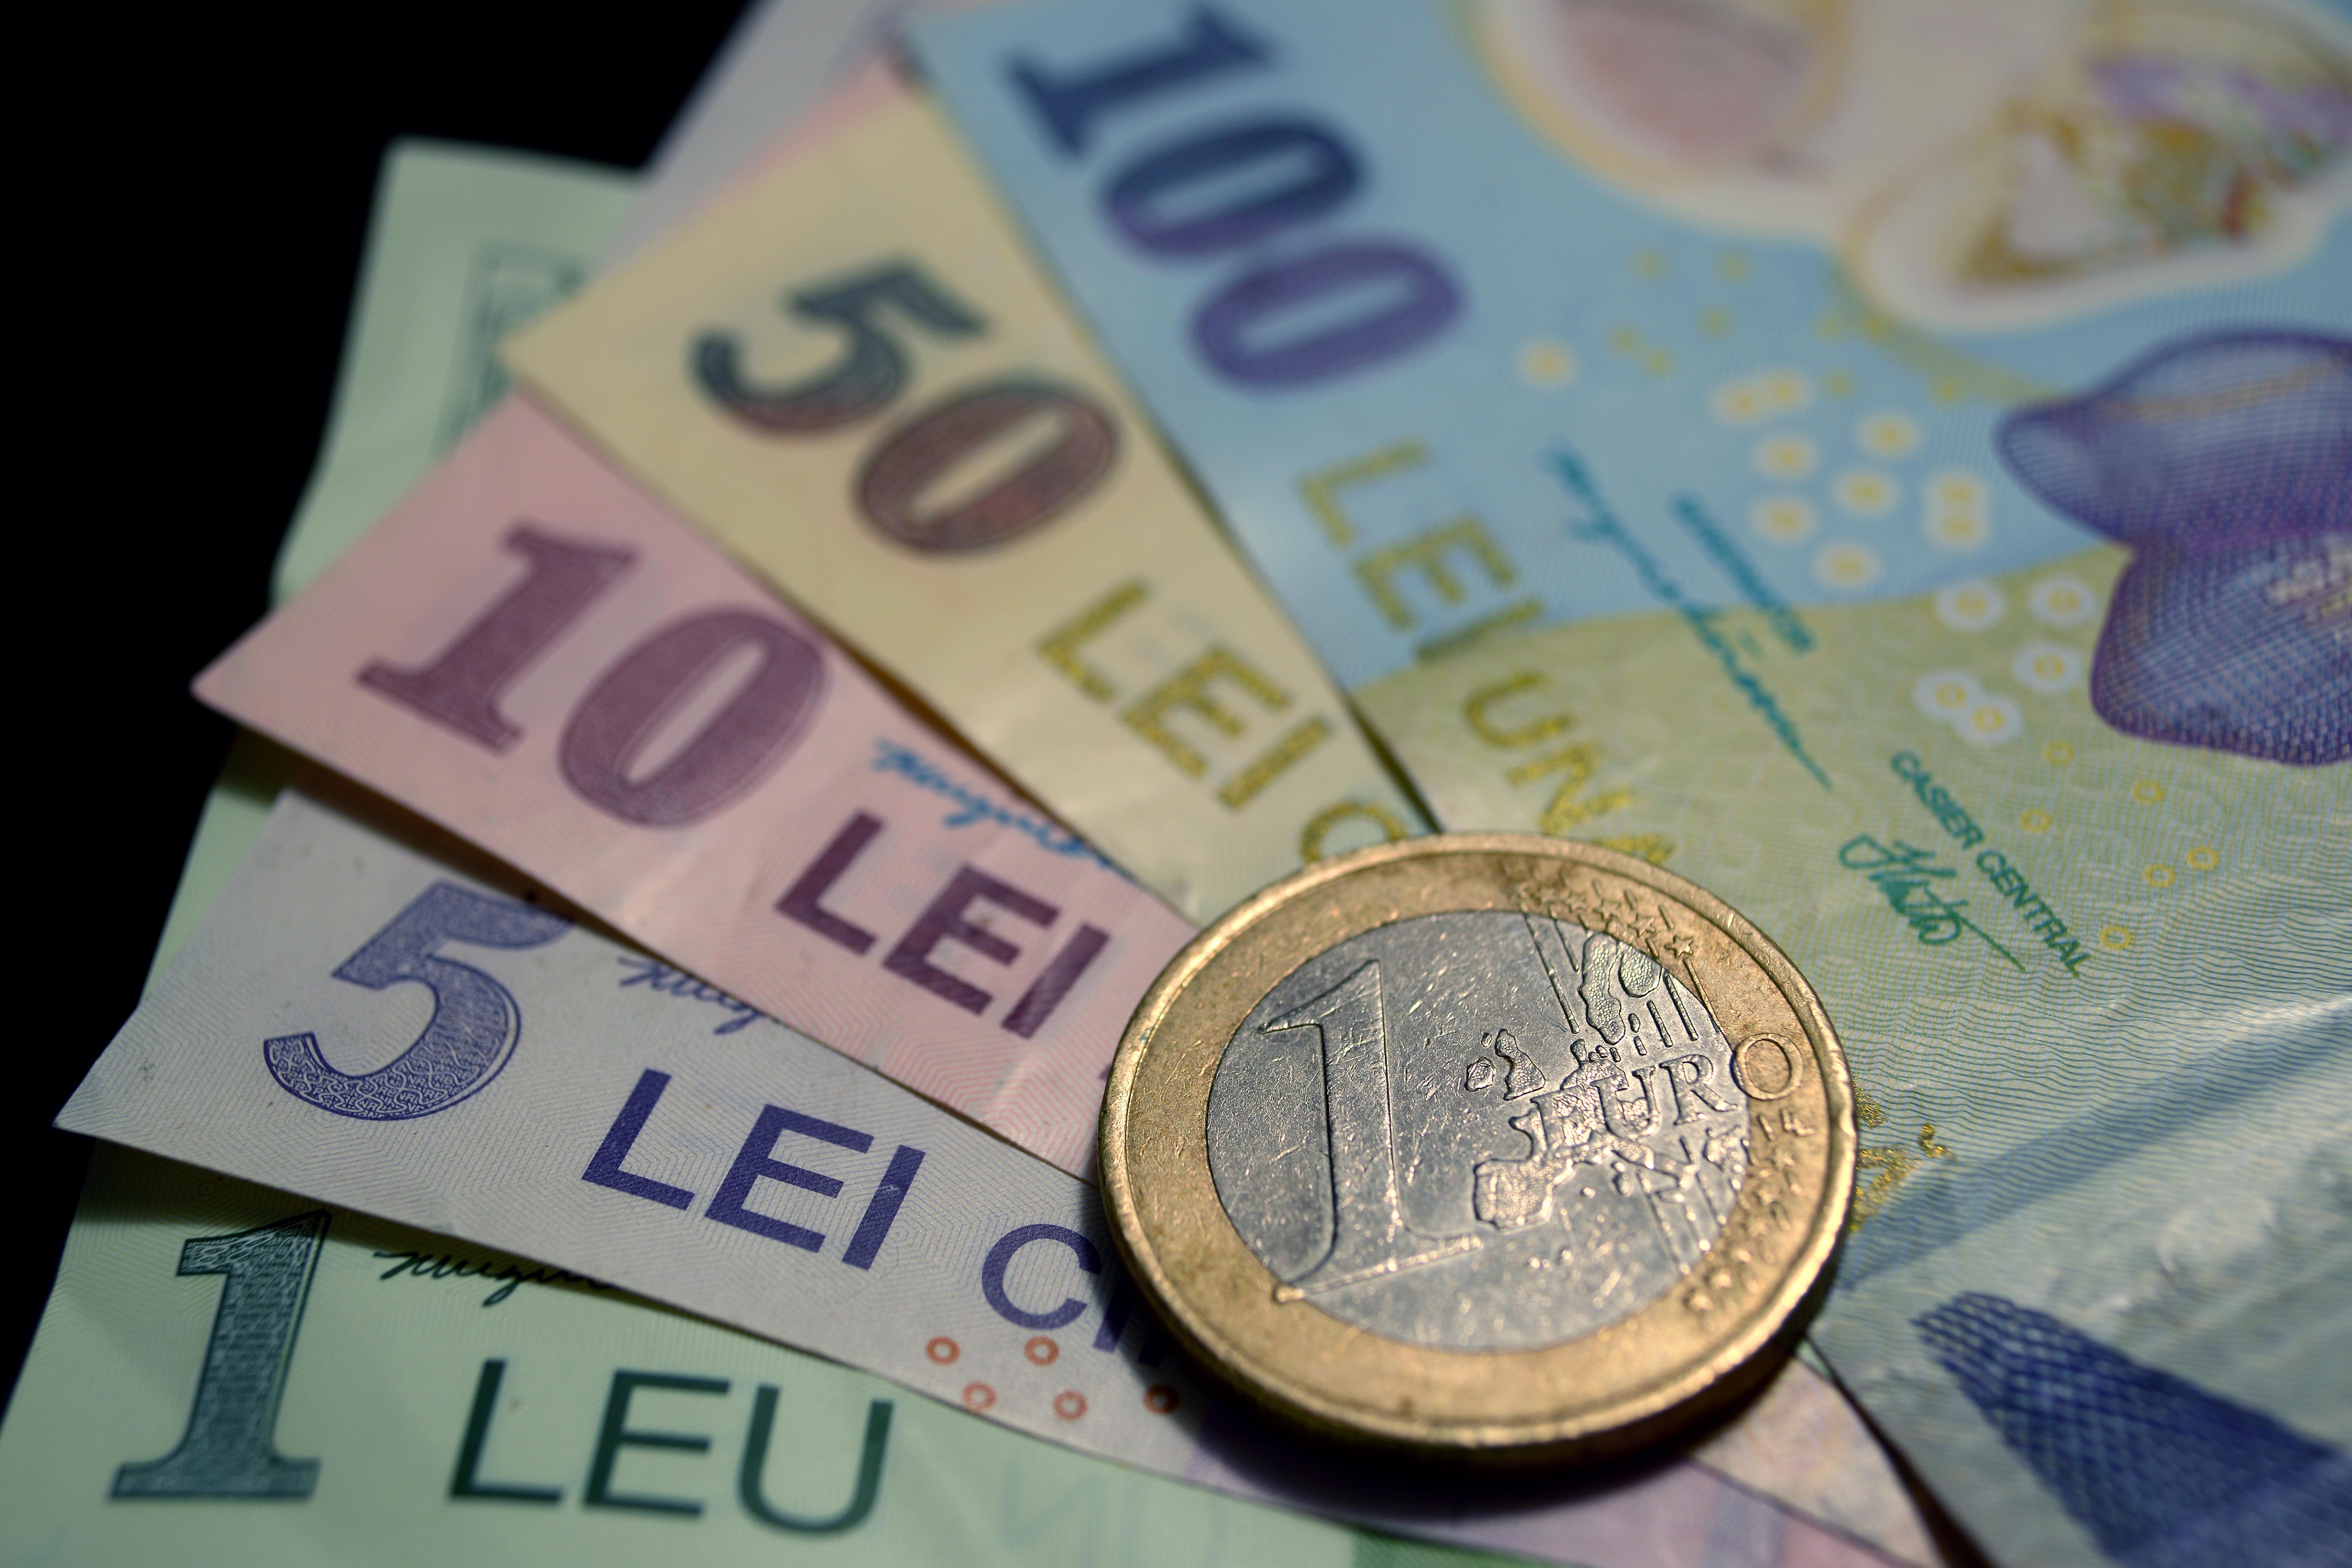 Poliţiştii suceveni au găsit pe stradă o geantă plină cu bani. Ce a urmat